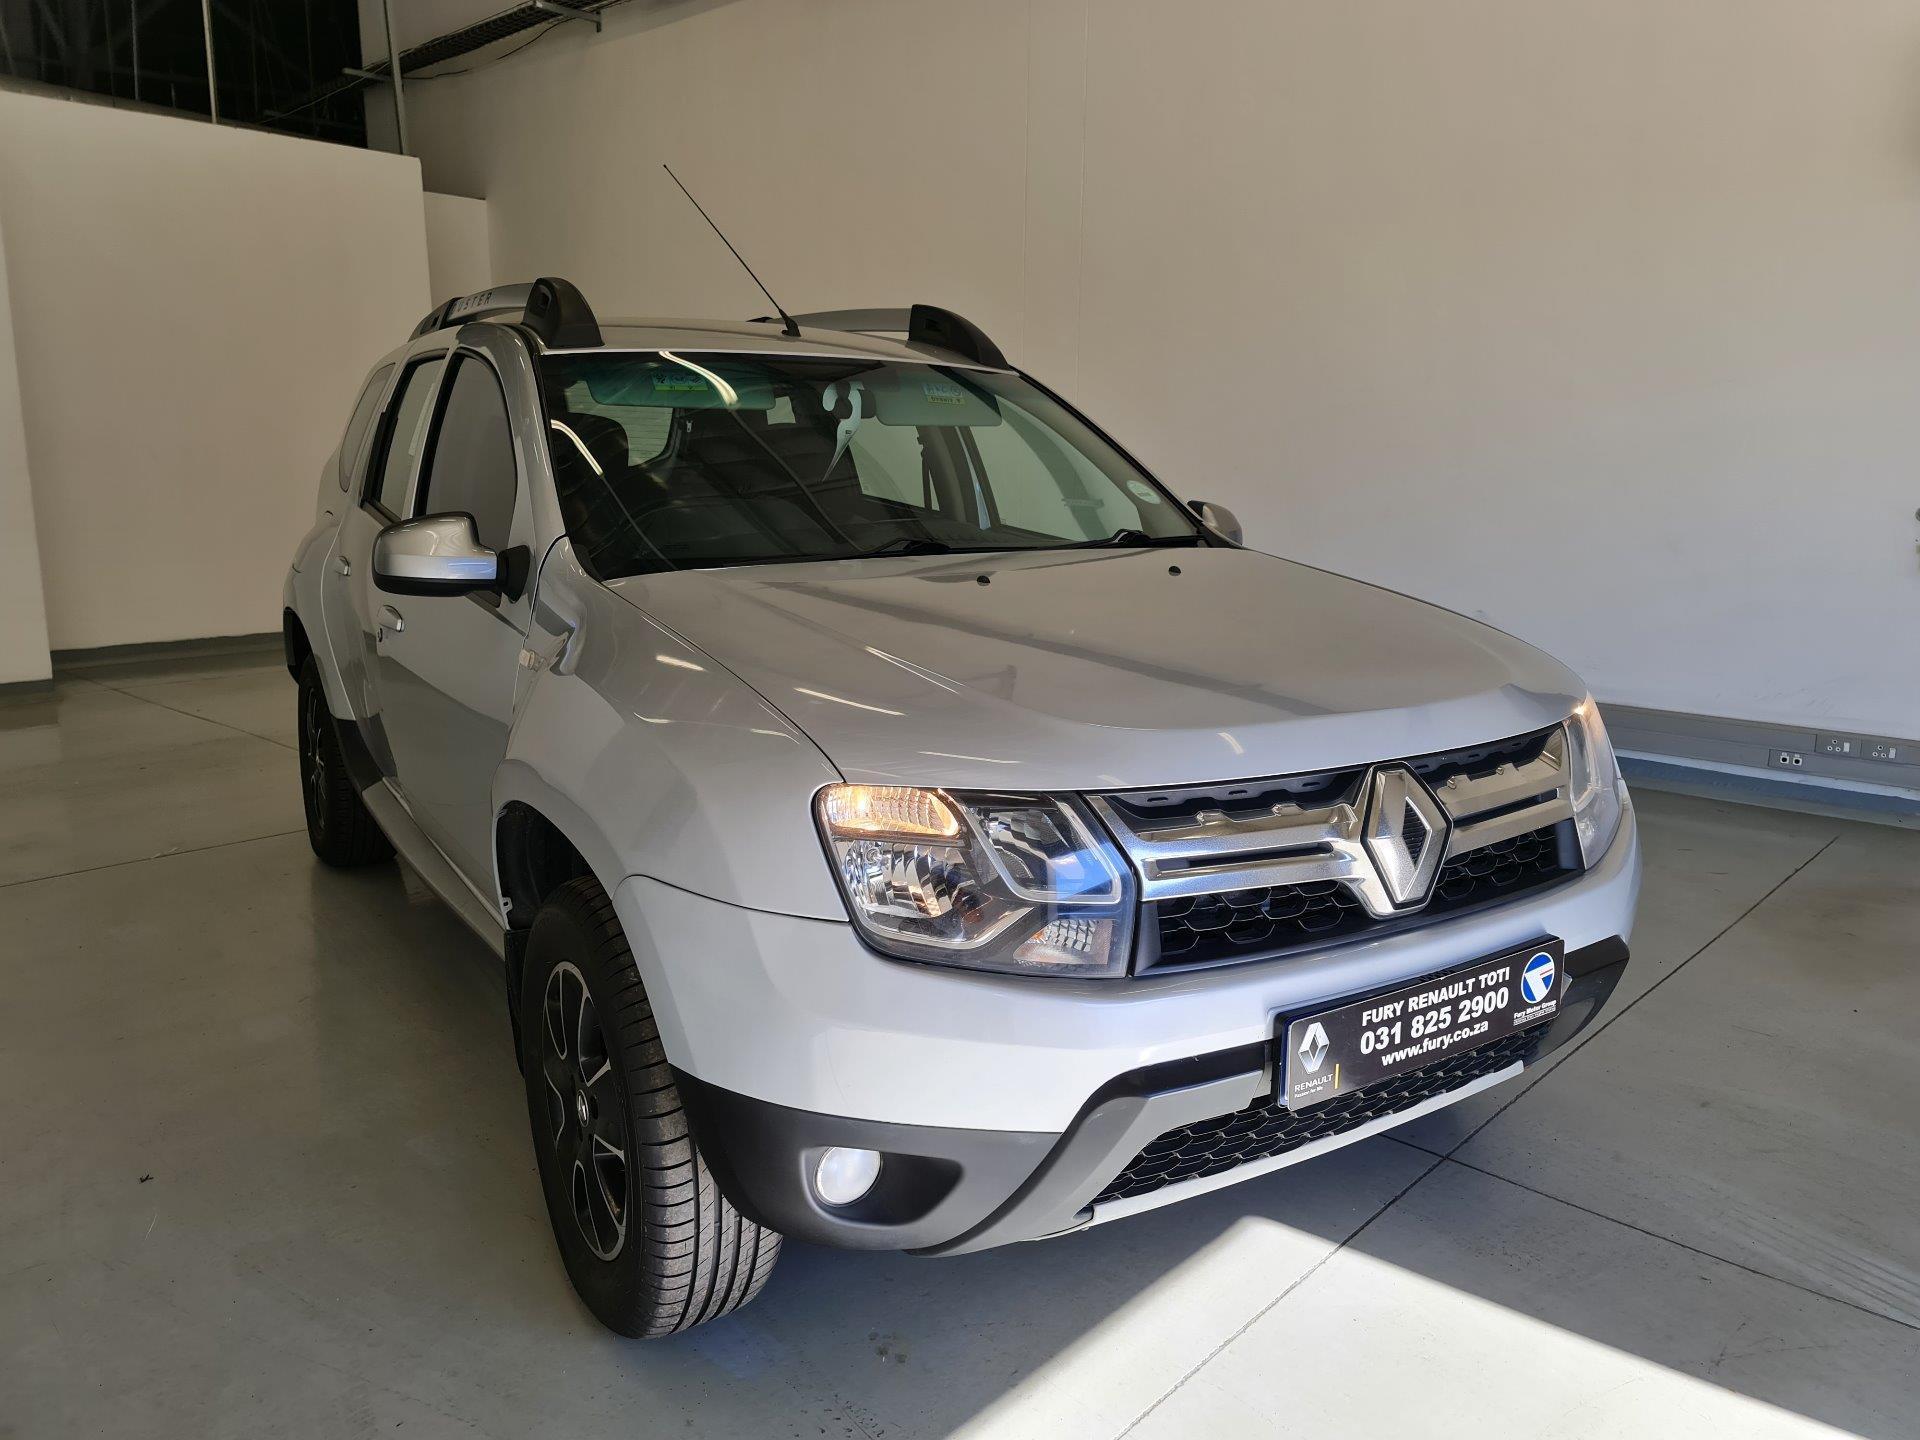 Renault 1.5dCi Dynamique 4WD